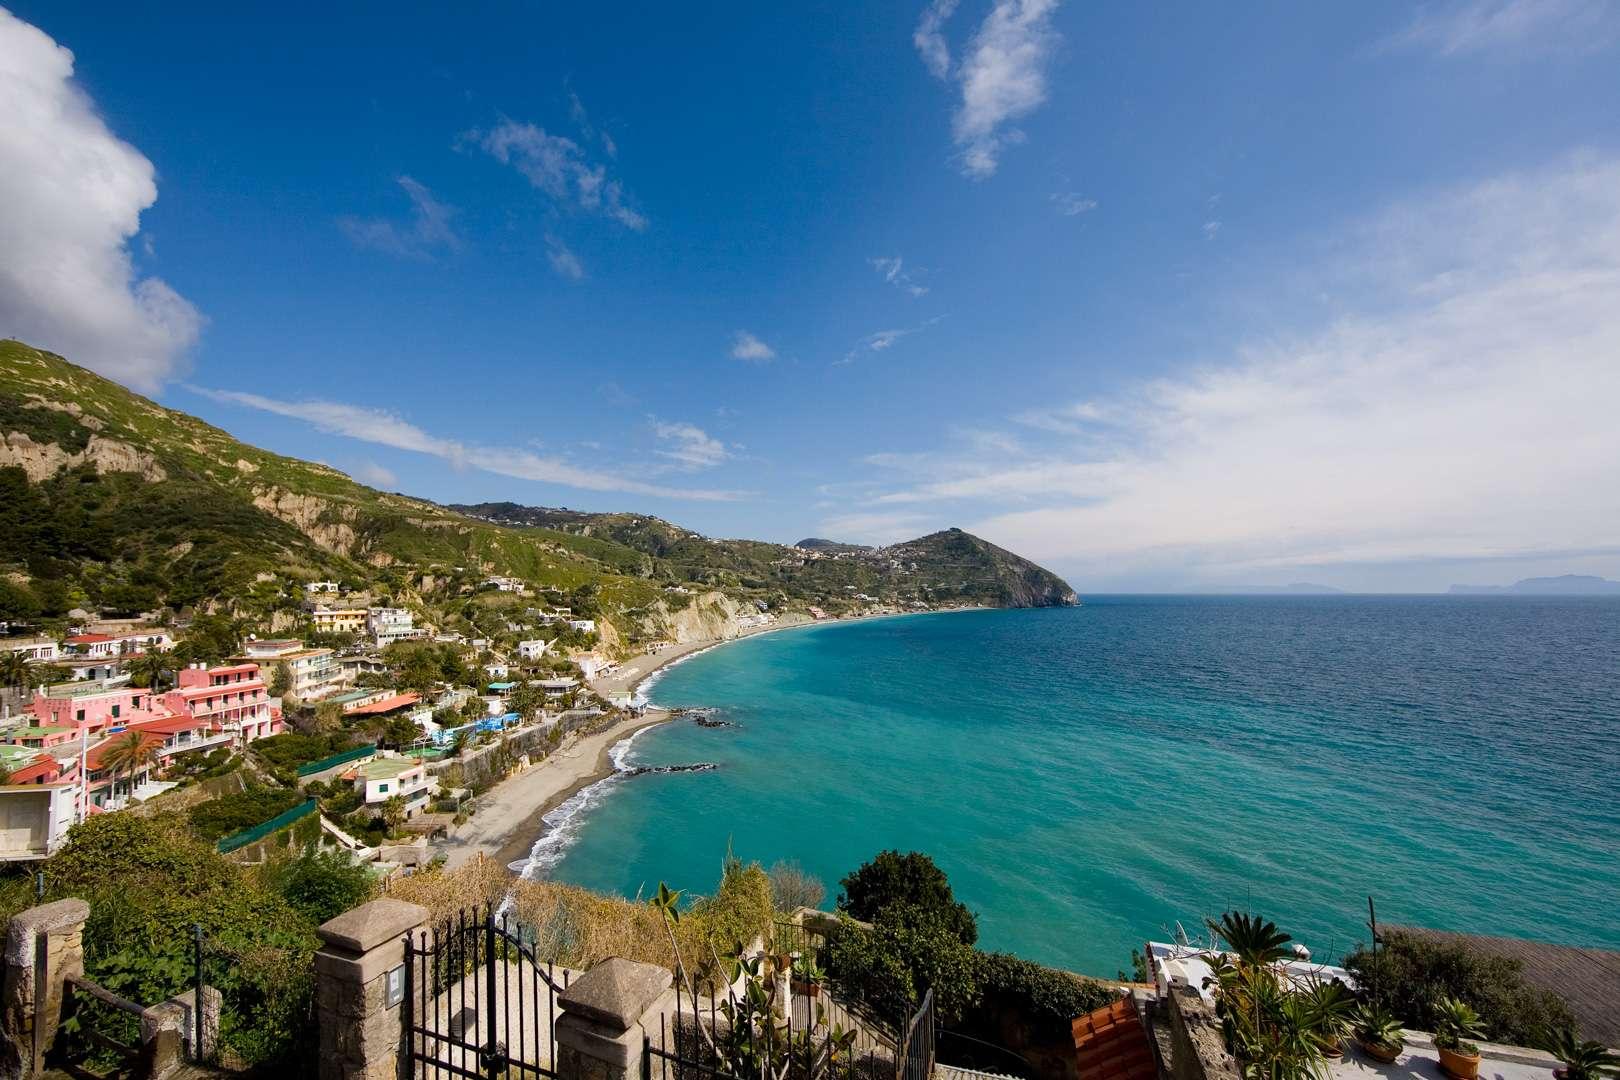 Hotel Ischia Maronti